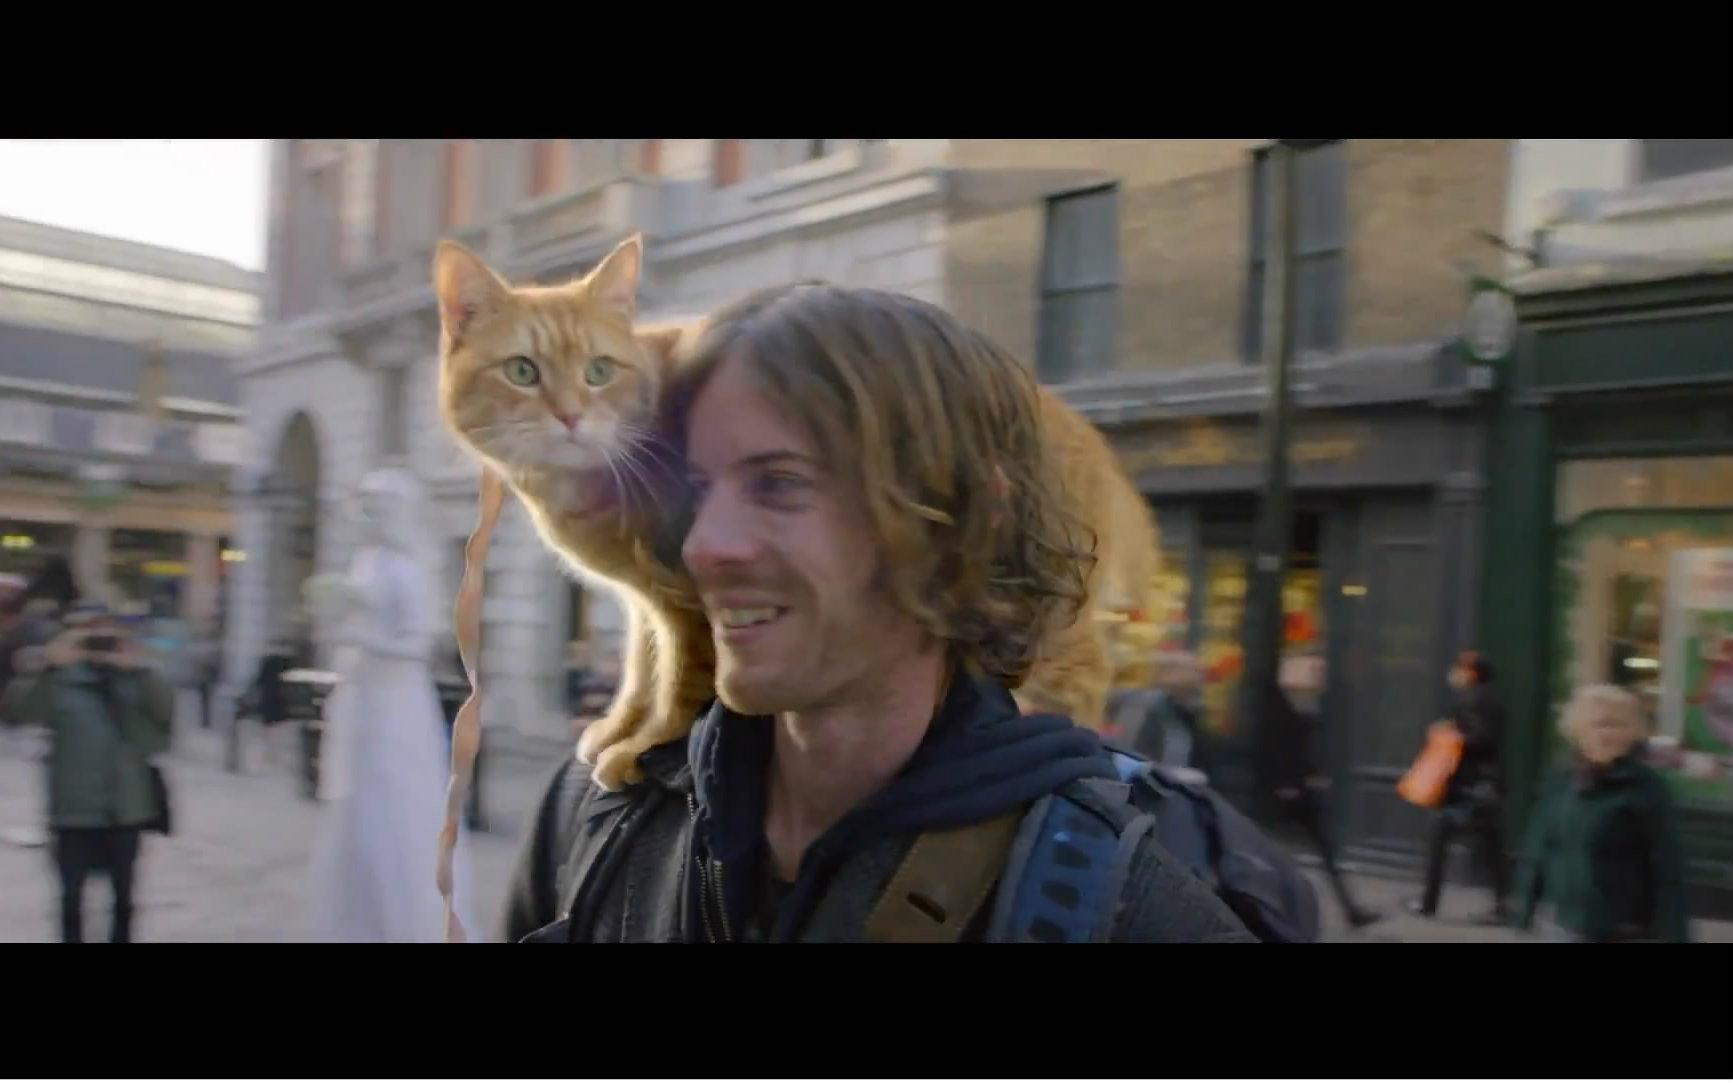 萌宠tv_【萌宠感人】《一只名叫鲍勃的流浪猫》预告片中文字幕 [影探-16 ...